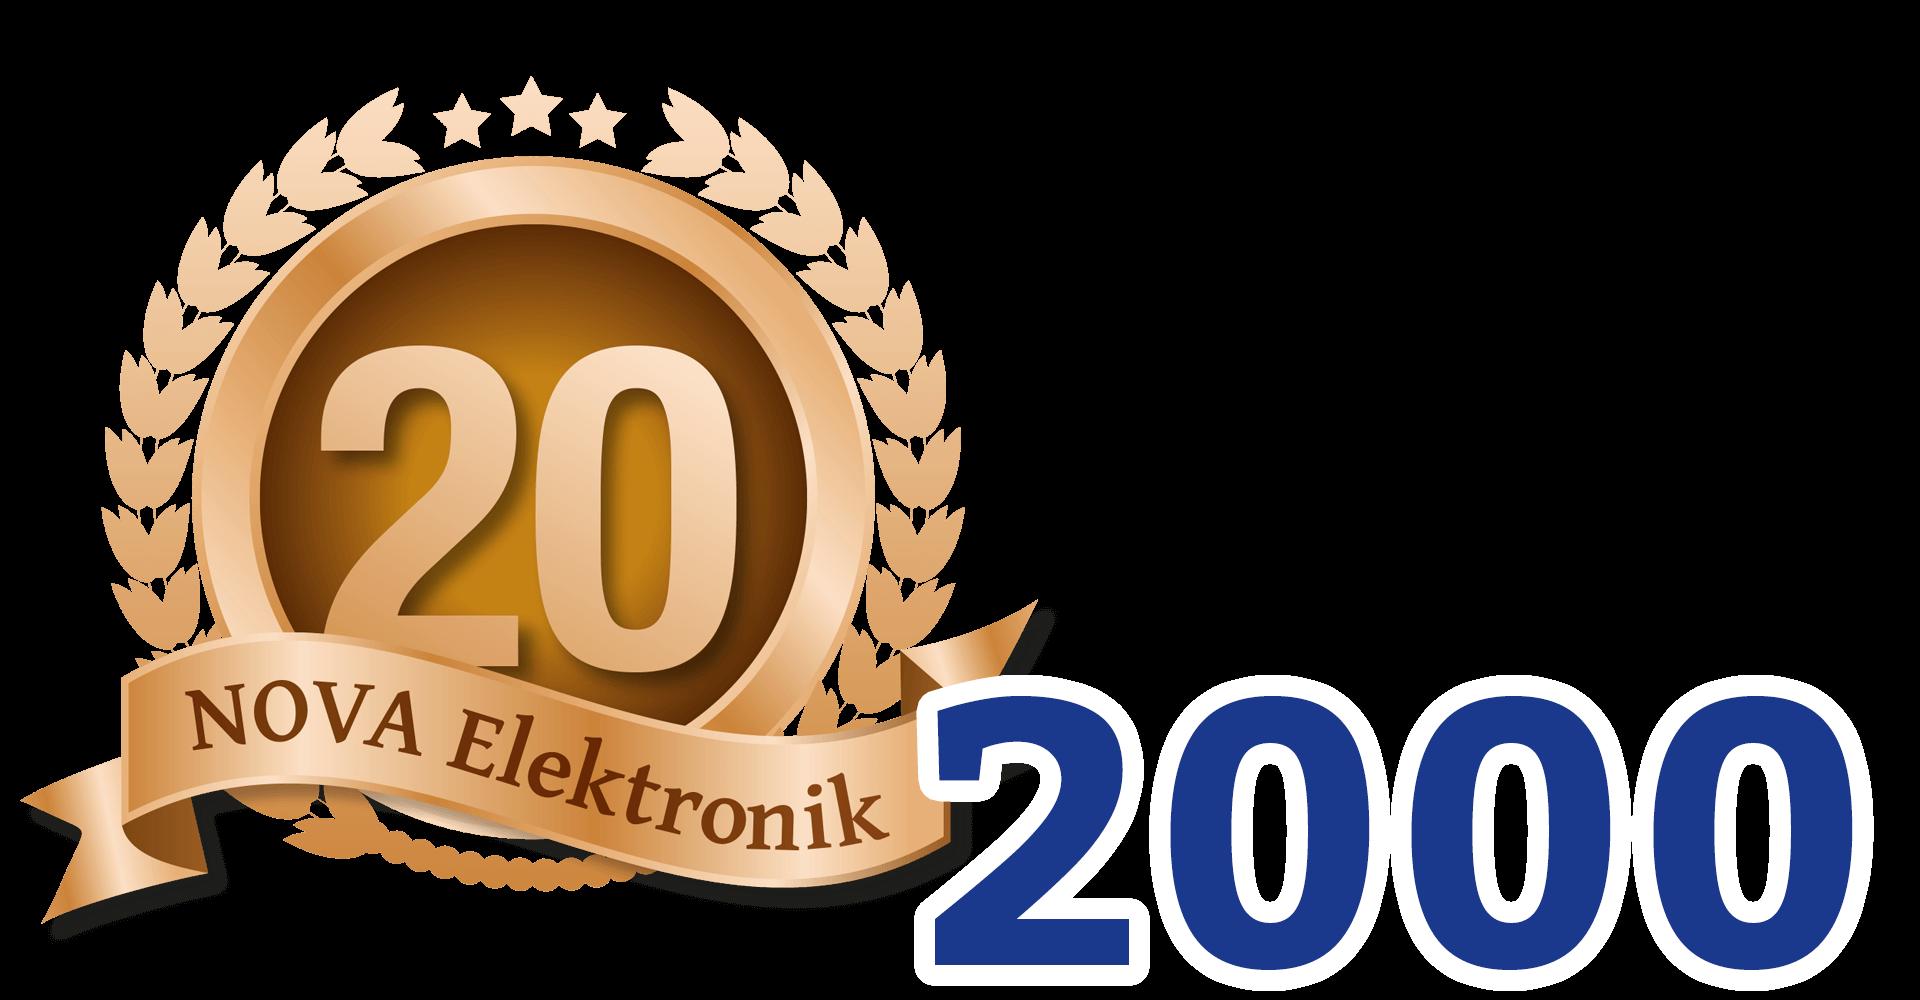 NOVA Elektronik 2000